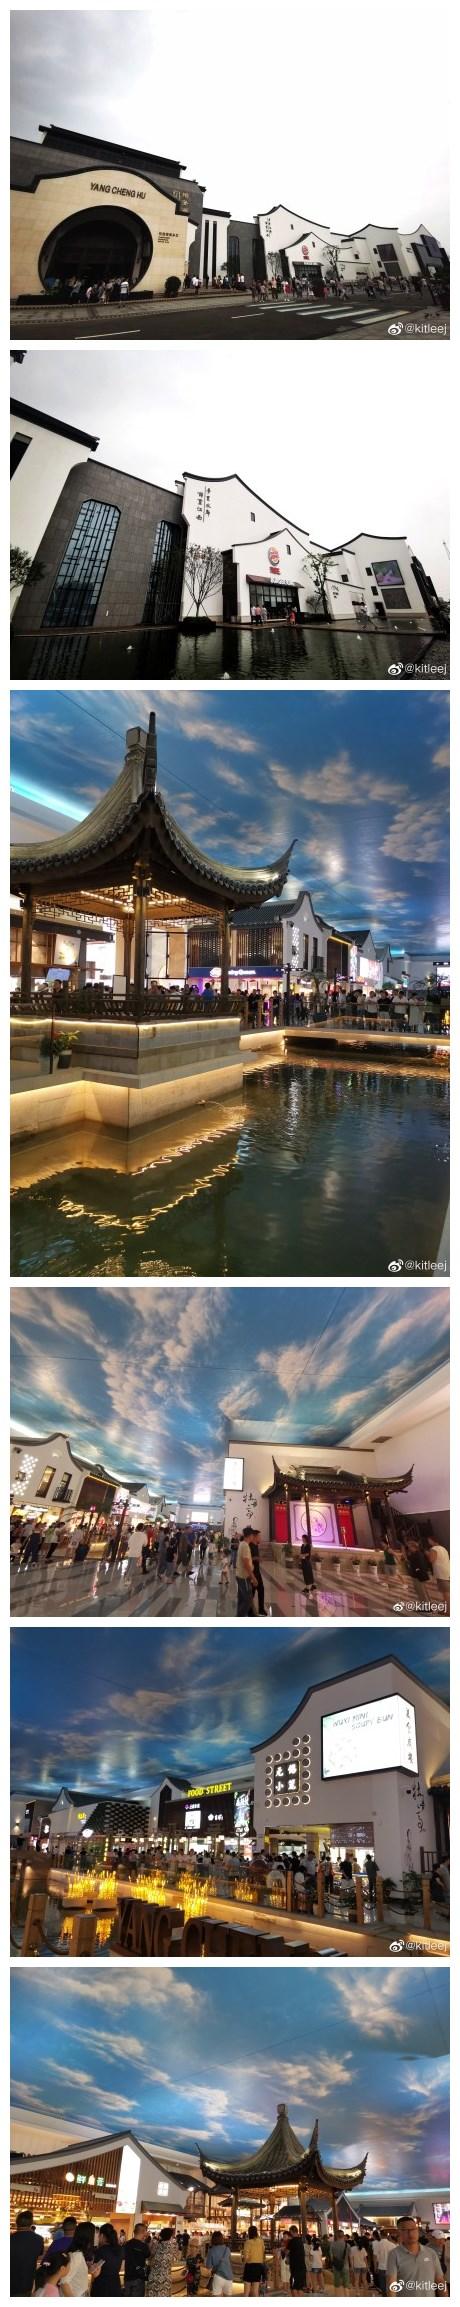 阳澄湖服务区大变样了,还蛮漂亮的嘞[小仙女]